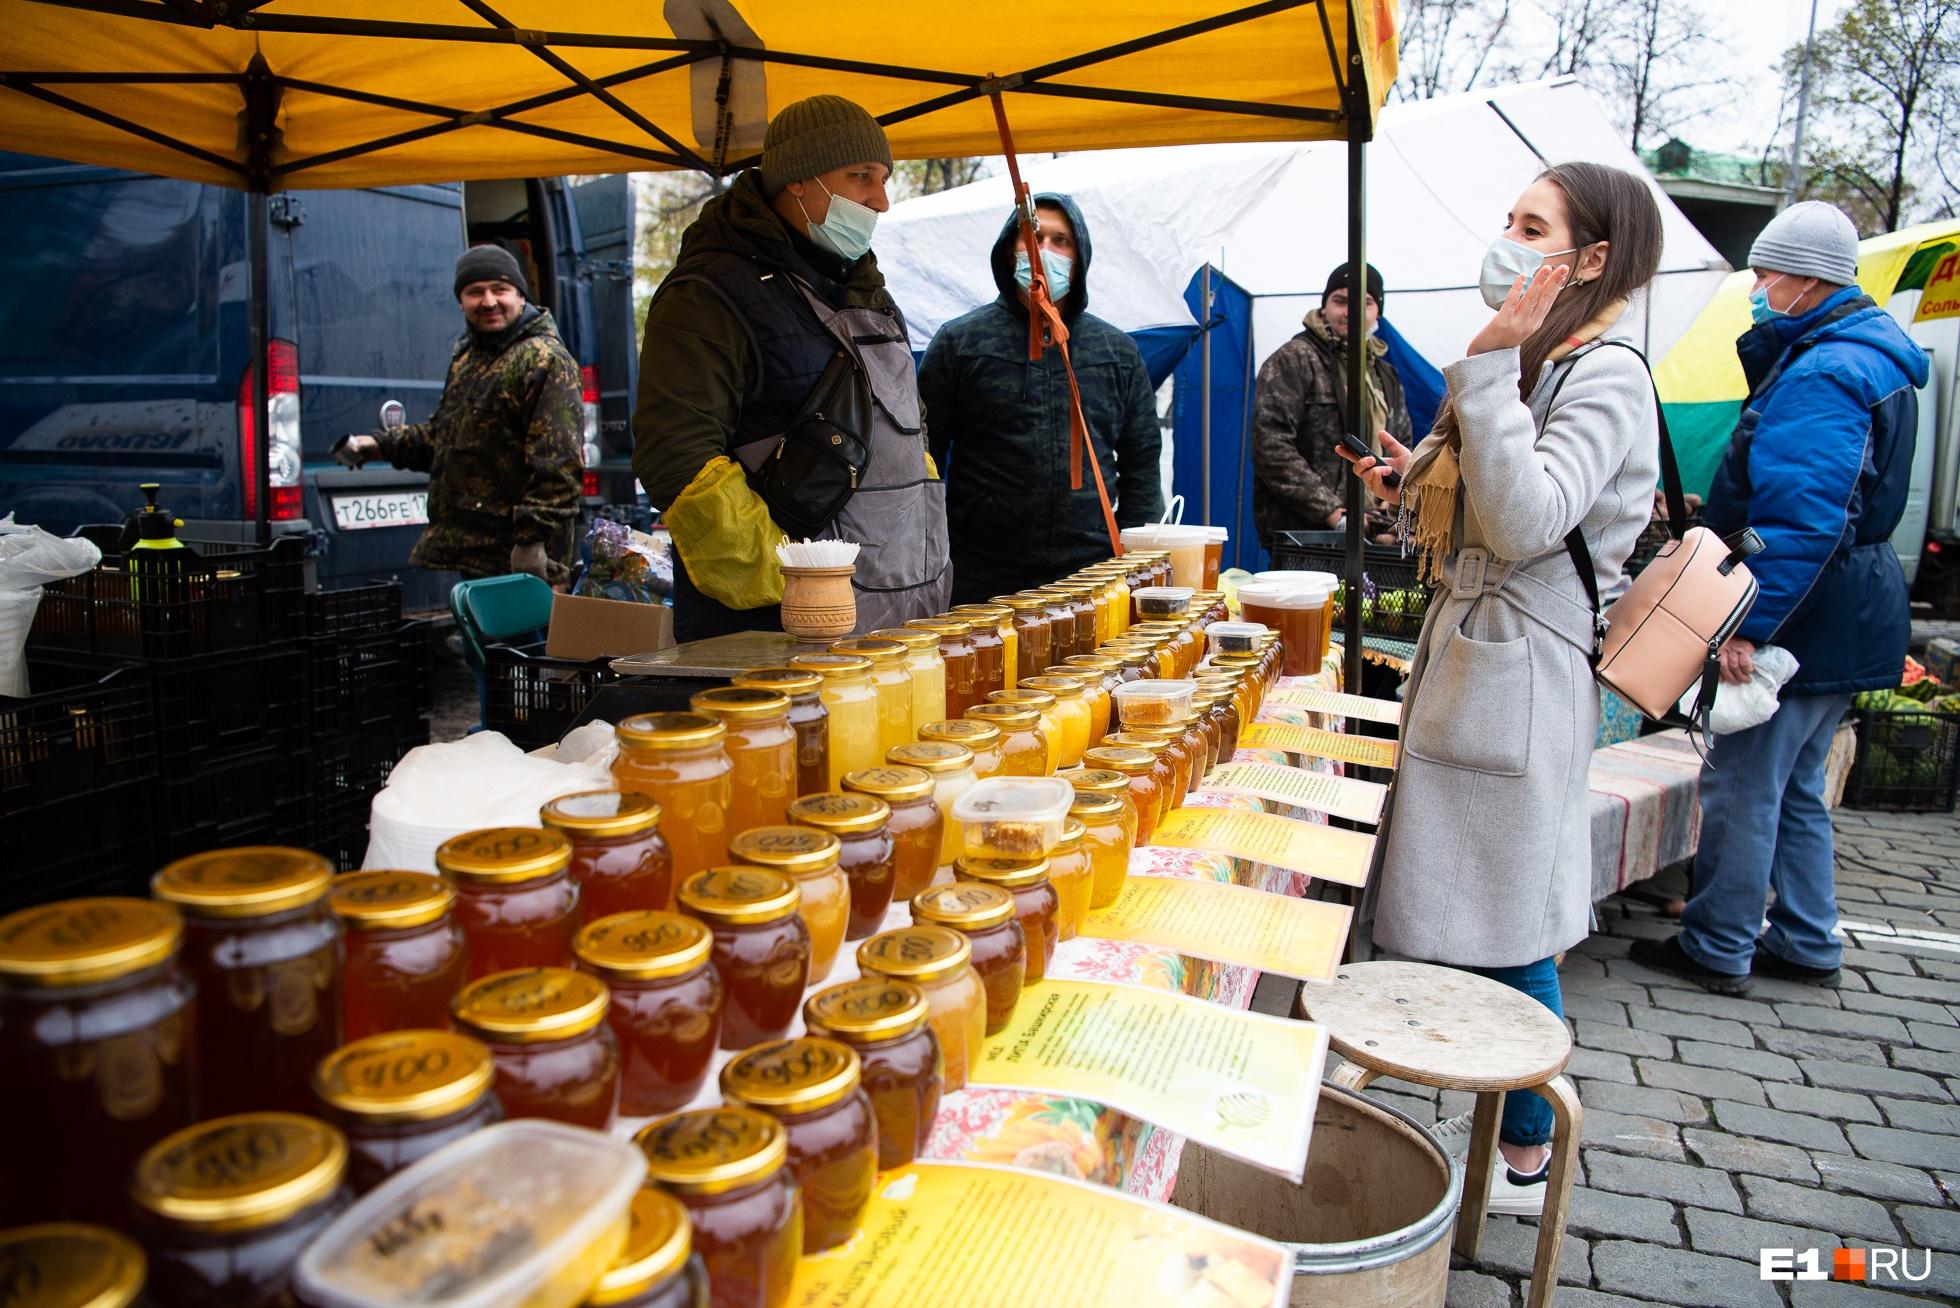 Прилавок ломится под весом банок с разными сортами меда